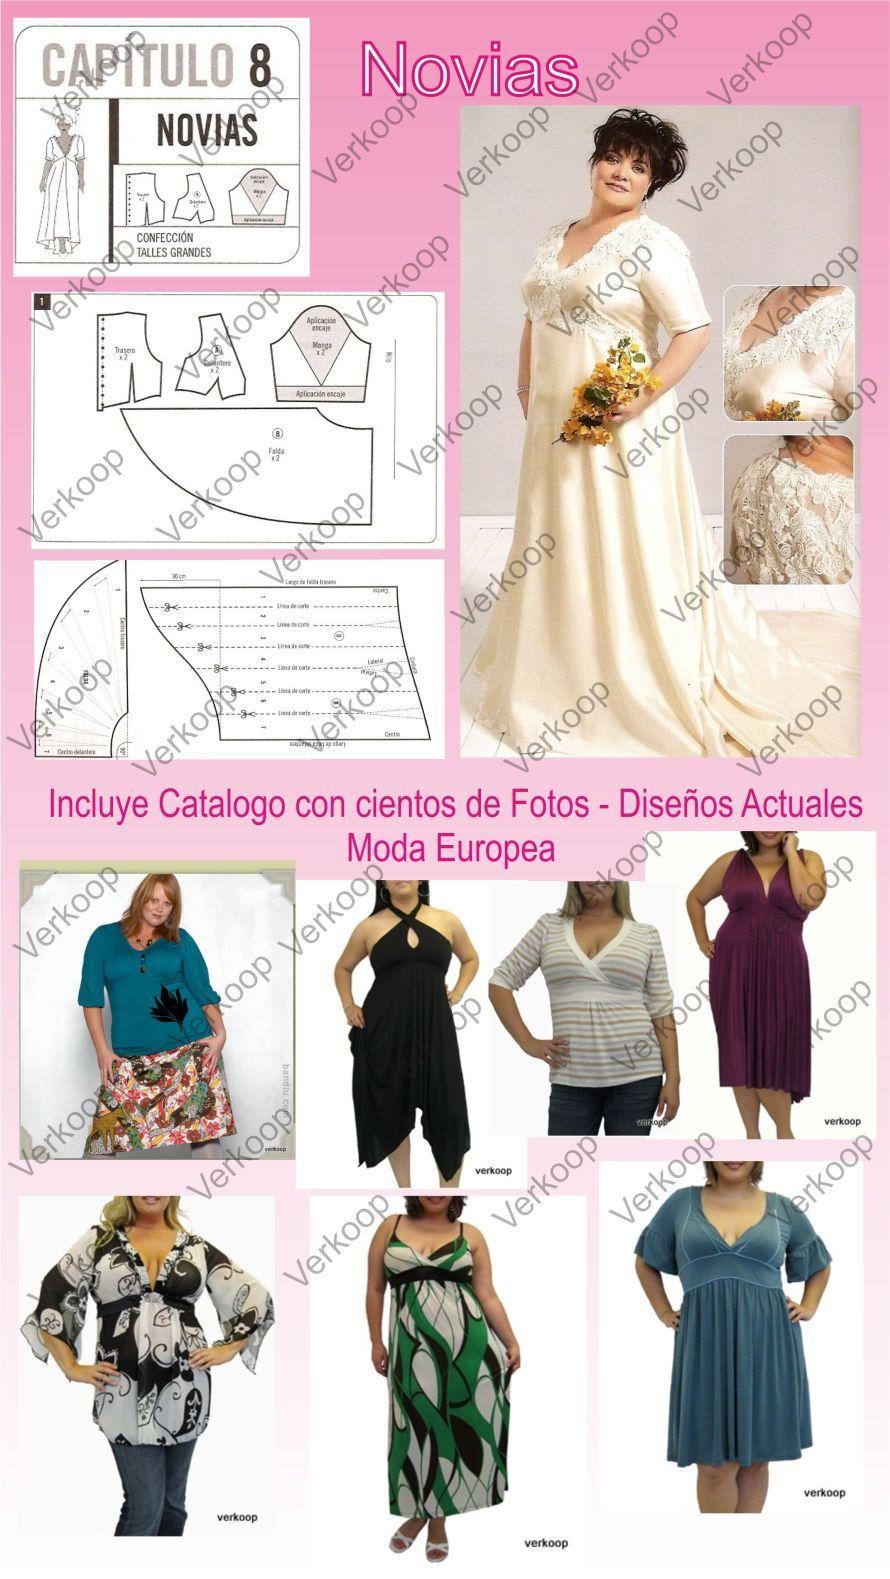 Tallas-grandes6V | шитье | Pinterest | Moda, Costura y Confeccion